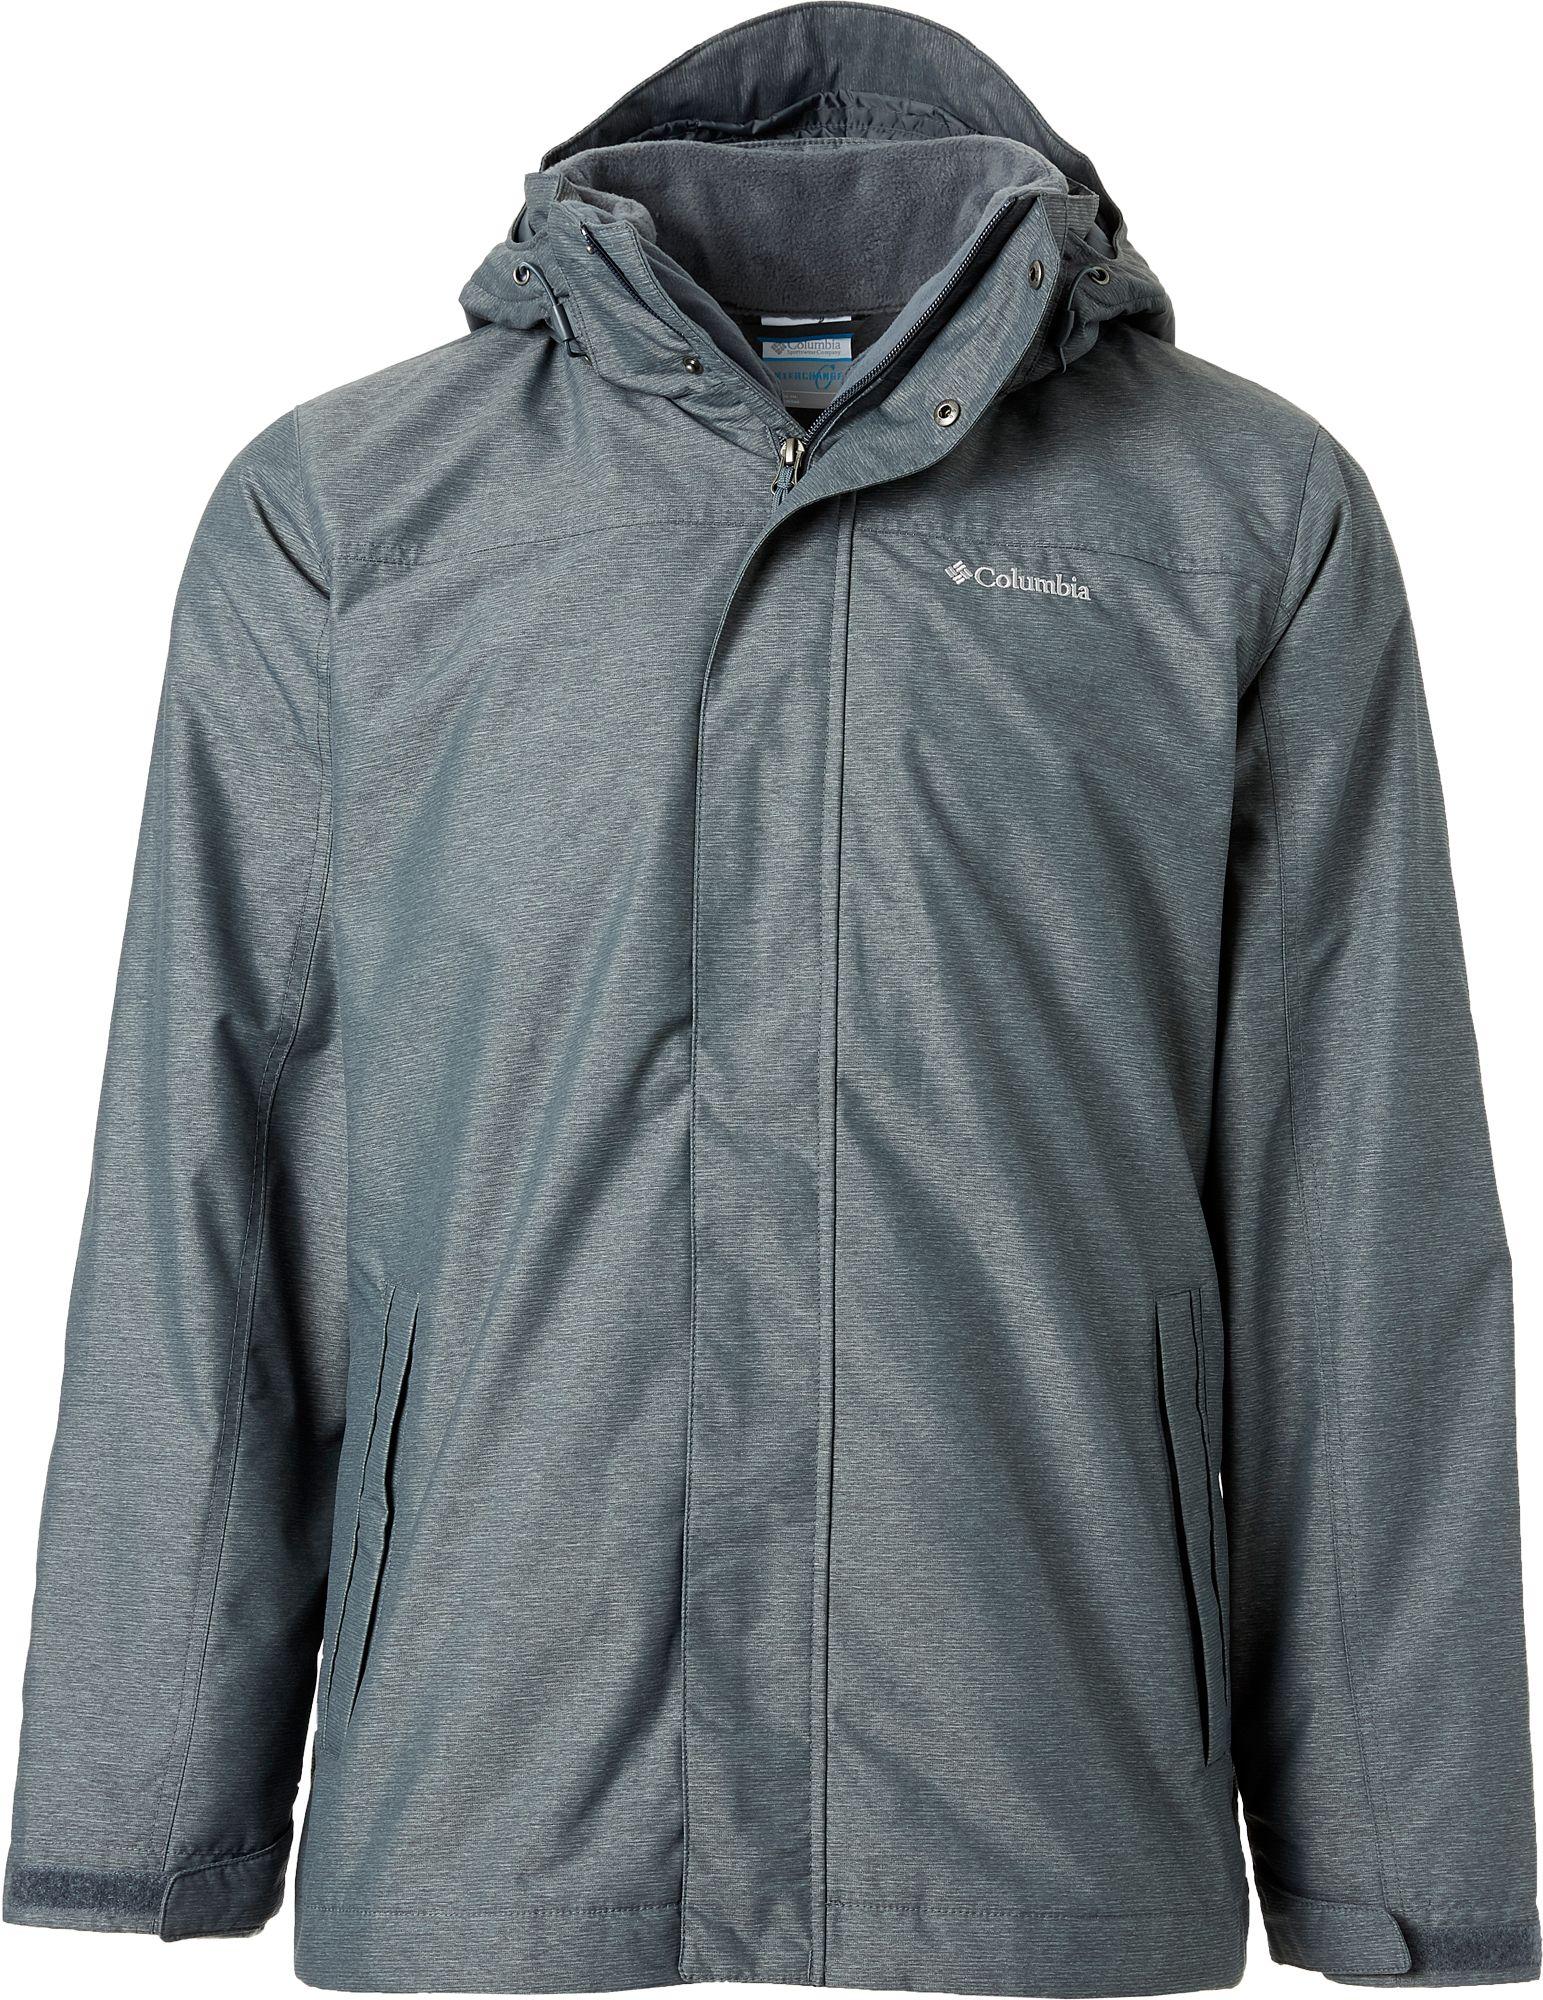 Columbia interchange jacket temperature